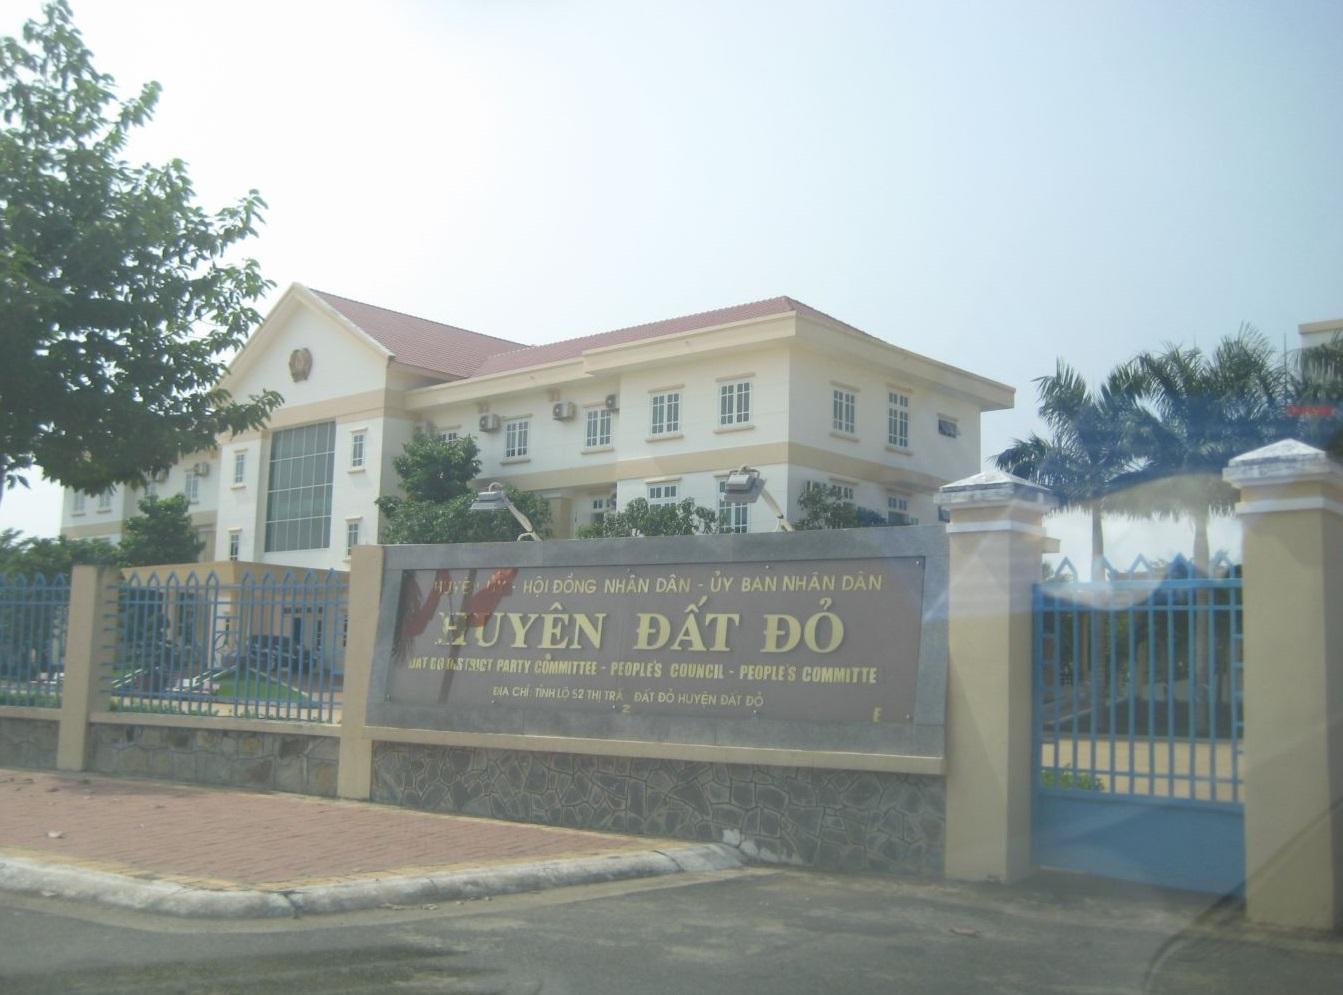 Huyện đất đỏ Bà Rịa, đất nền Long Tân, đất gần sân bay Lộc An, đất Tóc Tiên, đất vườn Bà Rịa